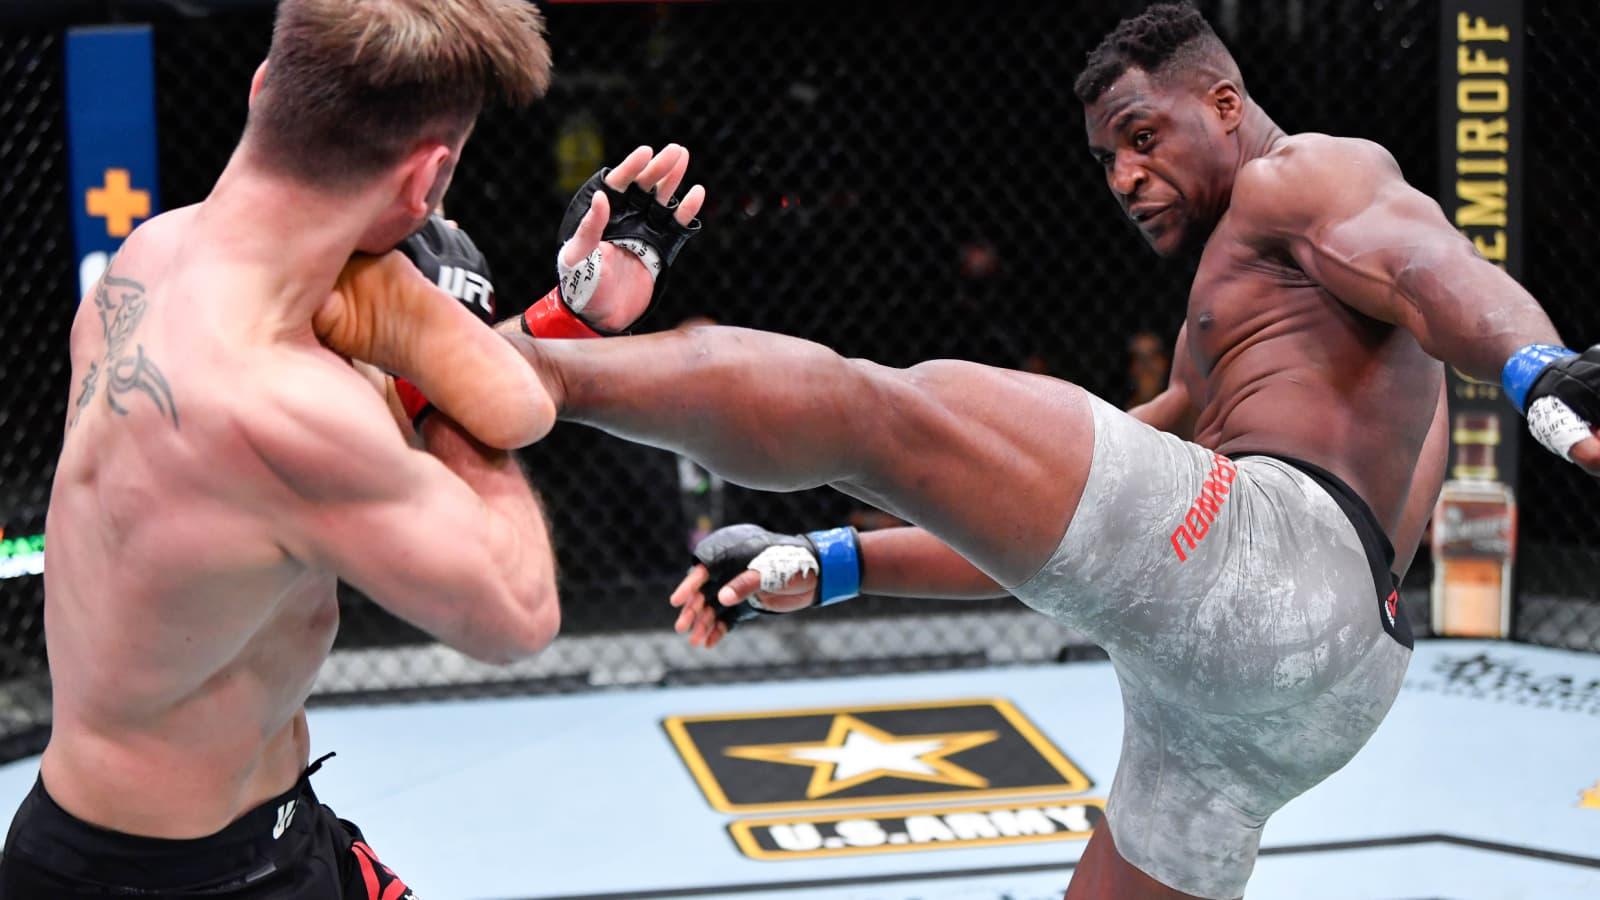 Le meilleur du MMA est sur RMC Sport